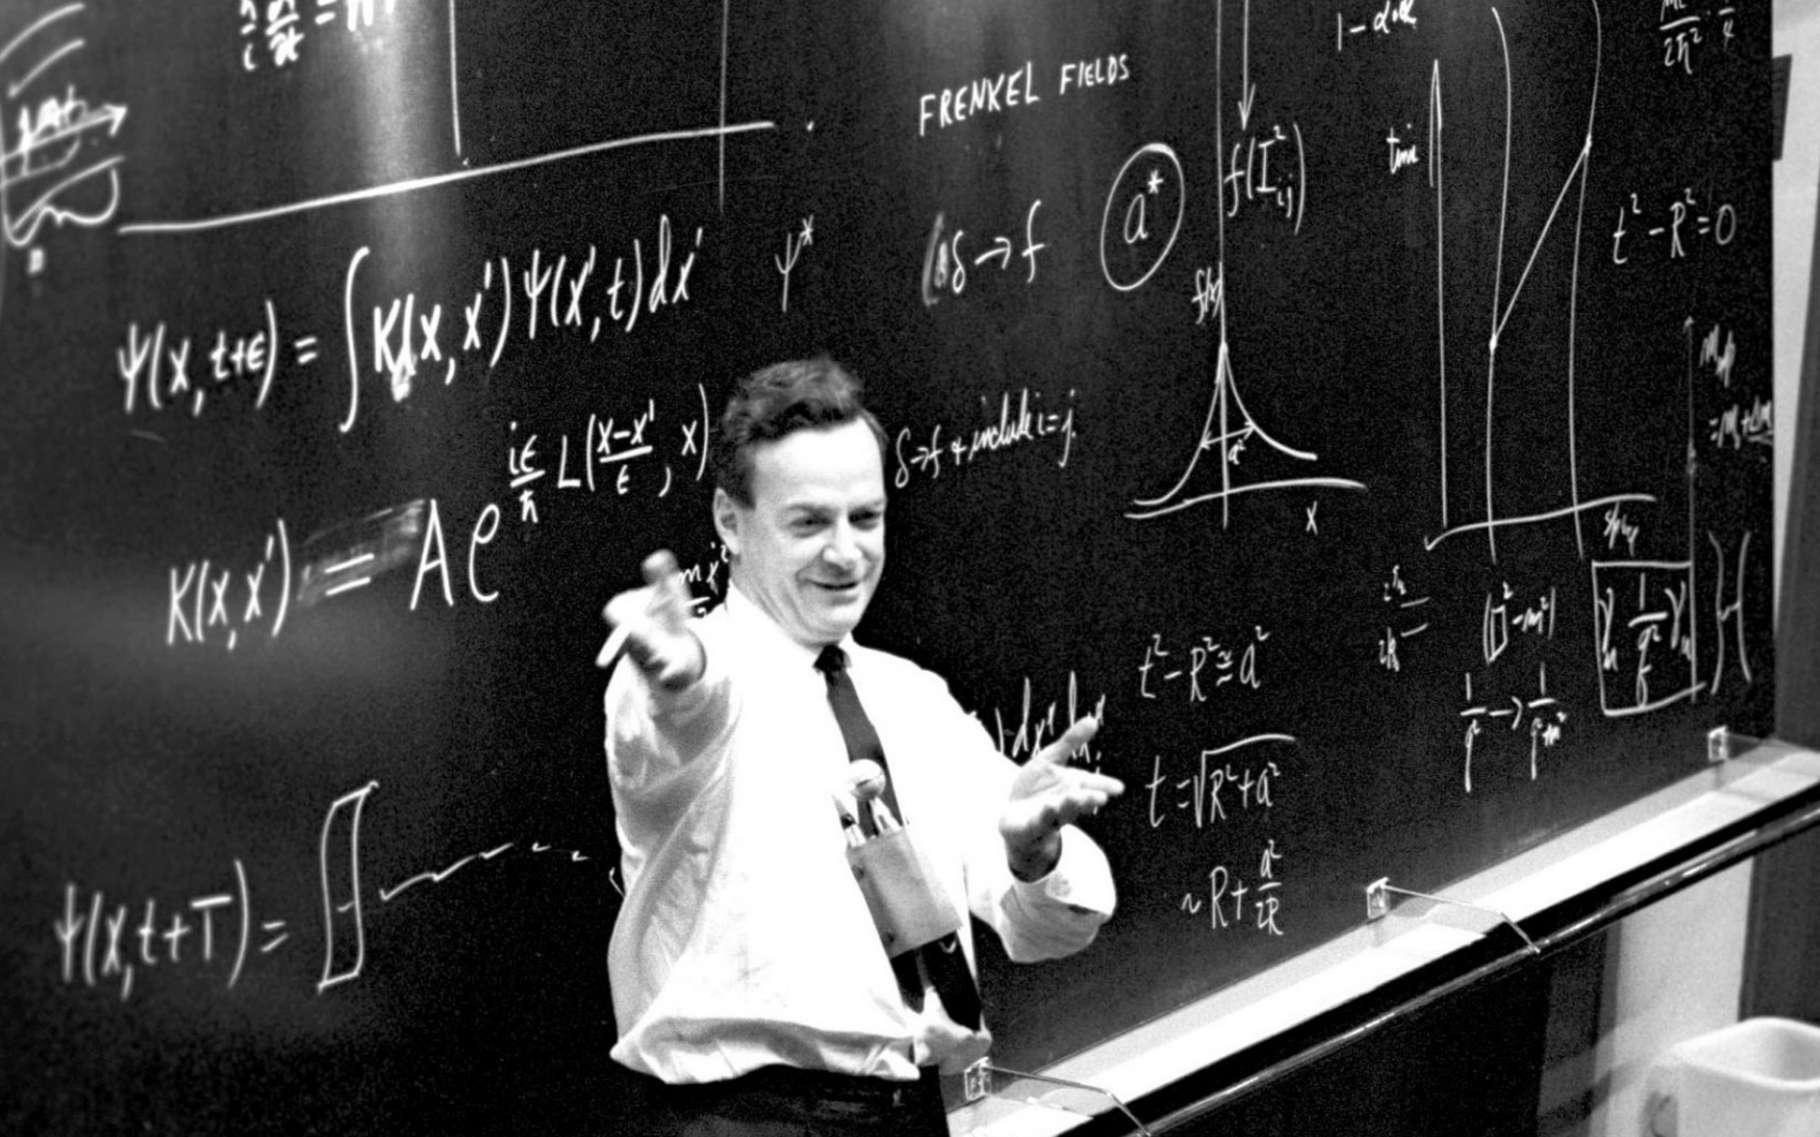 Considéré comme un des pionniers des ordinateurs quantiques, le prix Nobel de physique Richard Feynman a réfléchi, au début des années 1980, à leur intérêt pour simuler des phénomènes physiques, comme ceux étudiés au LHC. On le voit ici lors d'une conférence au Cern en 1965. © Cern